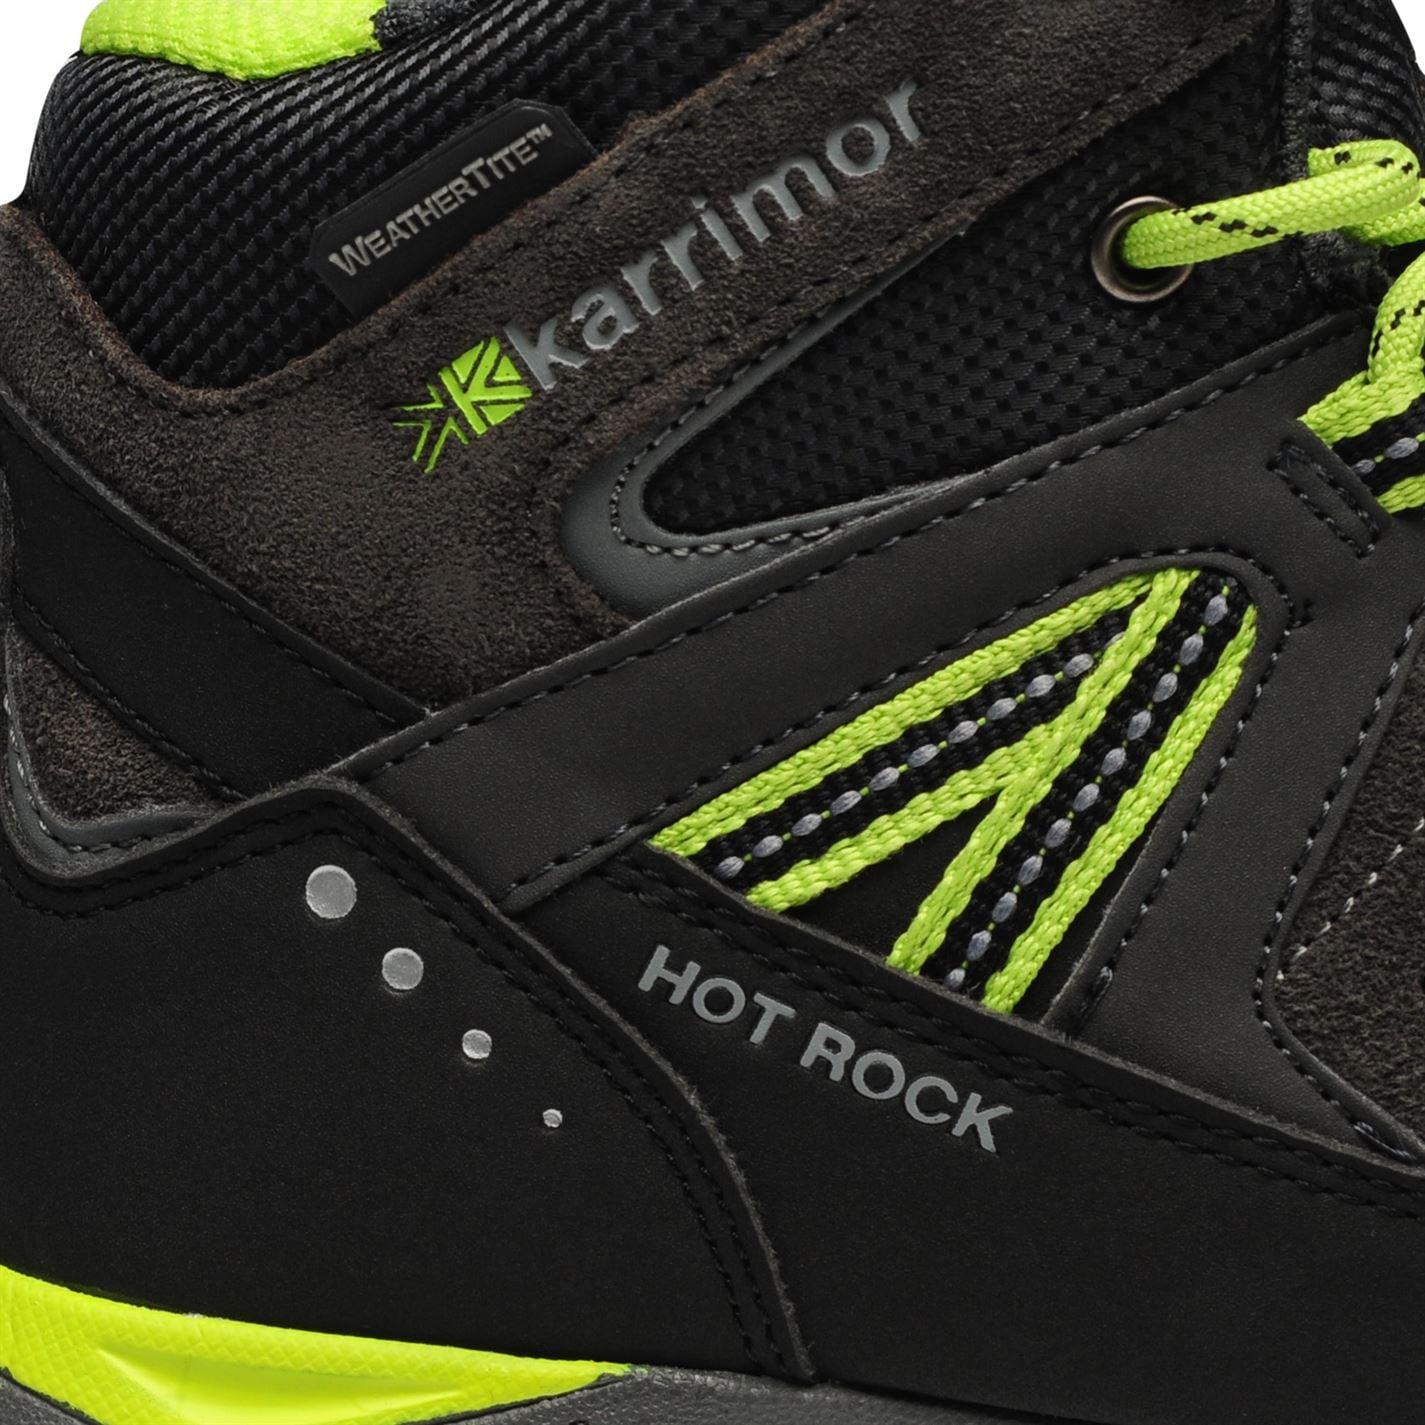 Detské topánky Karrimor Hot Rock Junior